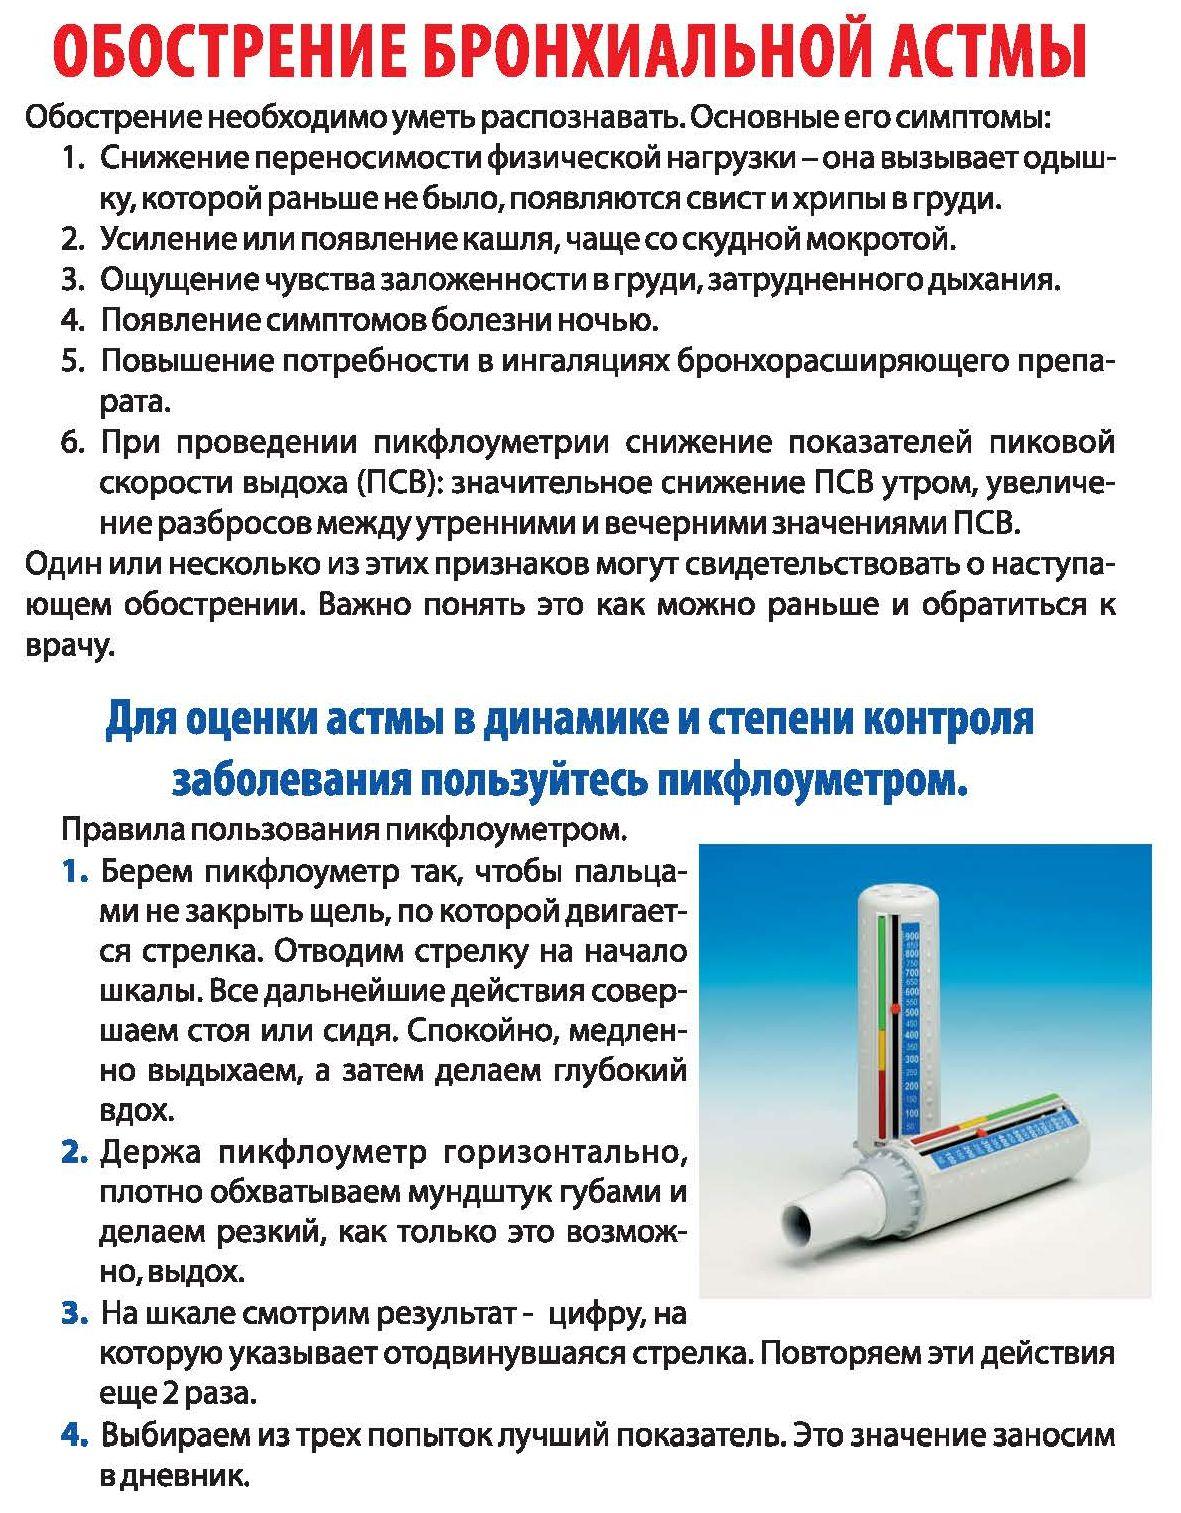 Обострение астмы